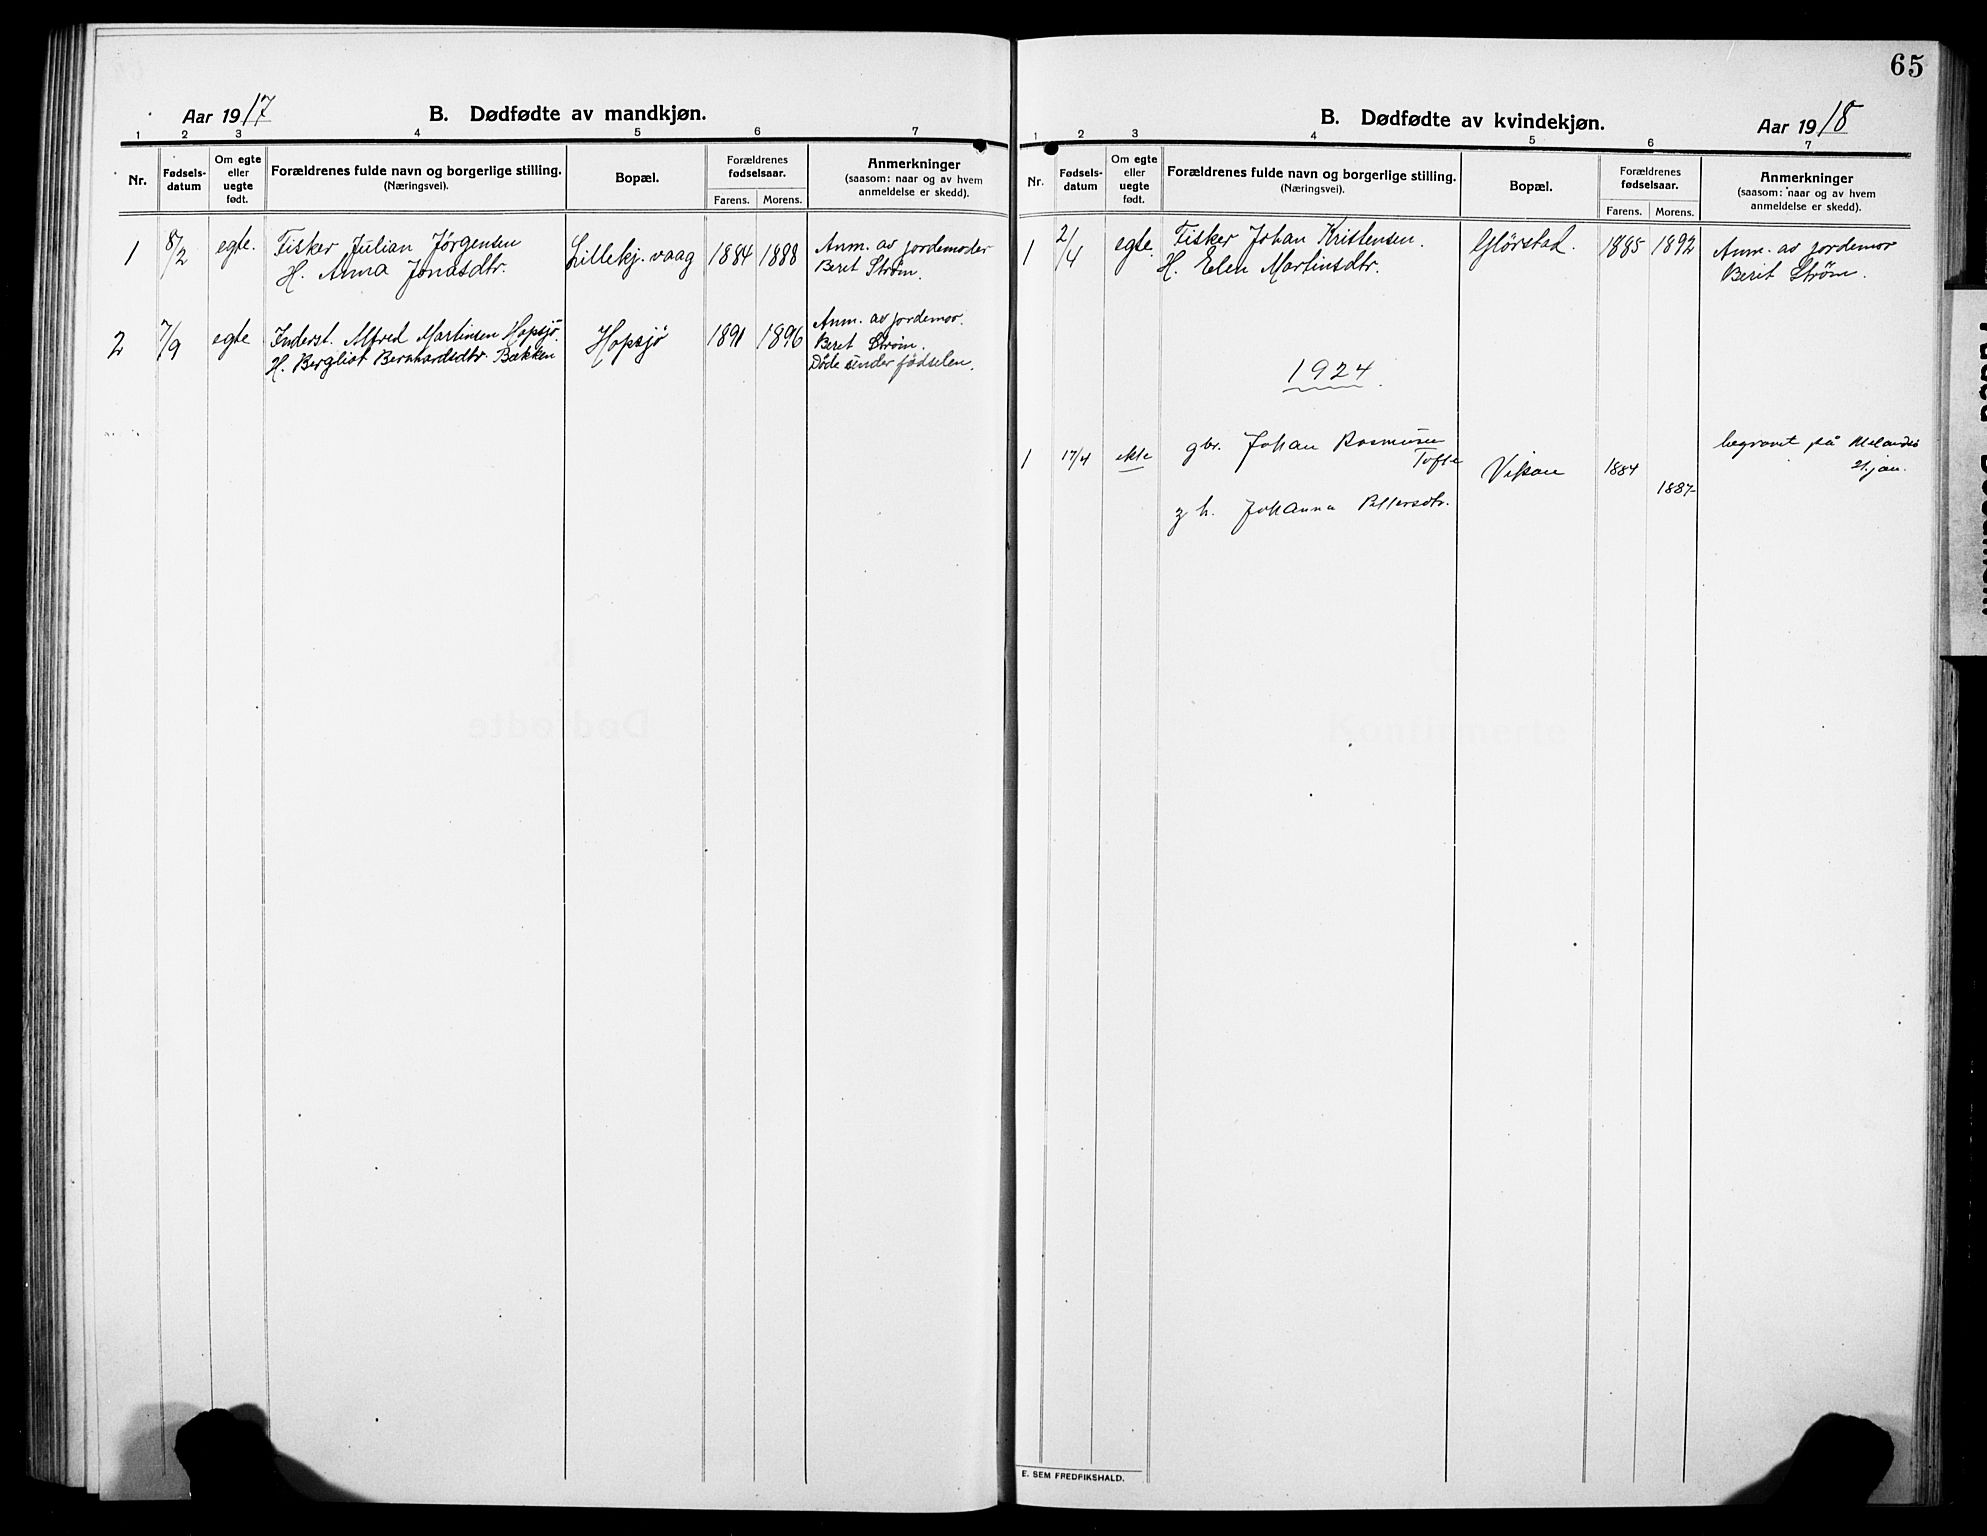 SAT, Ministerialprotokoller, klokkerbøker og fødselsregistre - Sør-Trøndelag, 634/L0543: Klokkerbok nr. 634C05, 1917-1928, s. 65